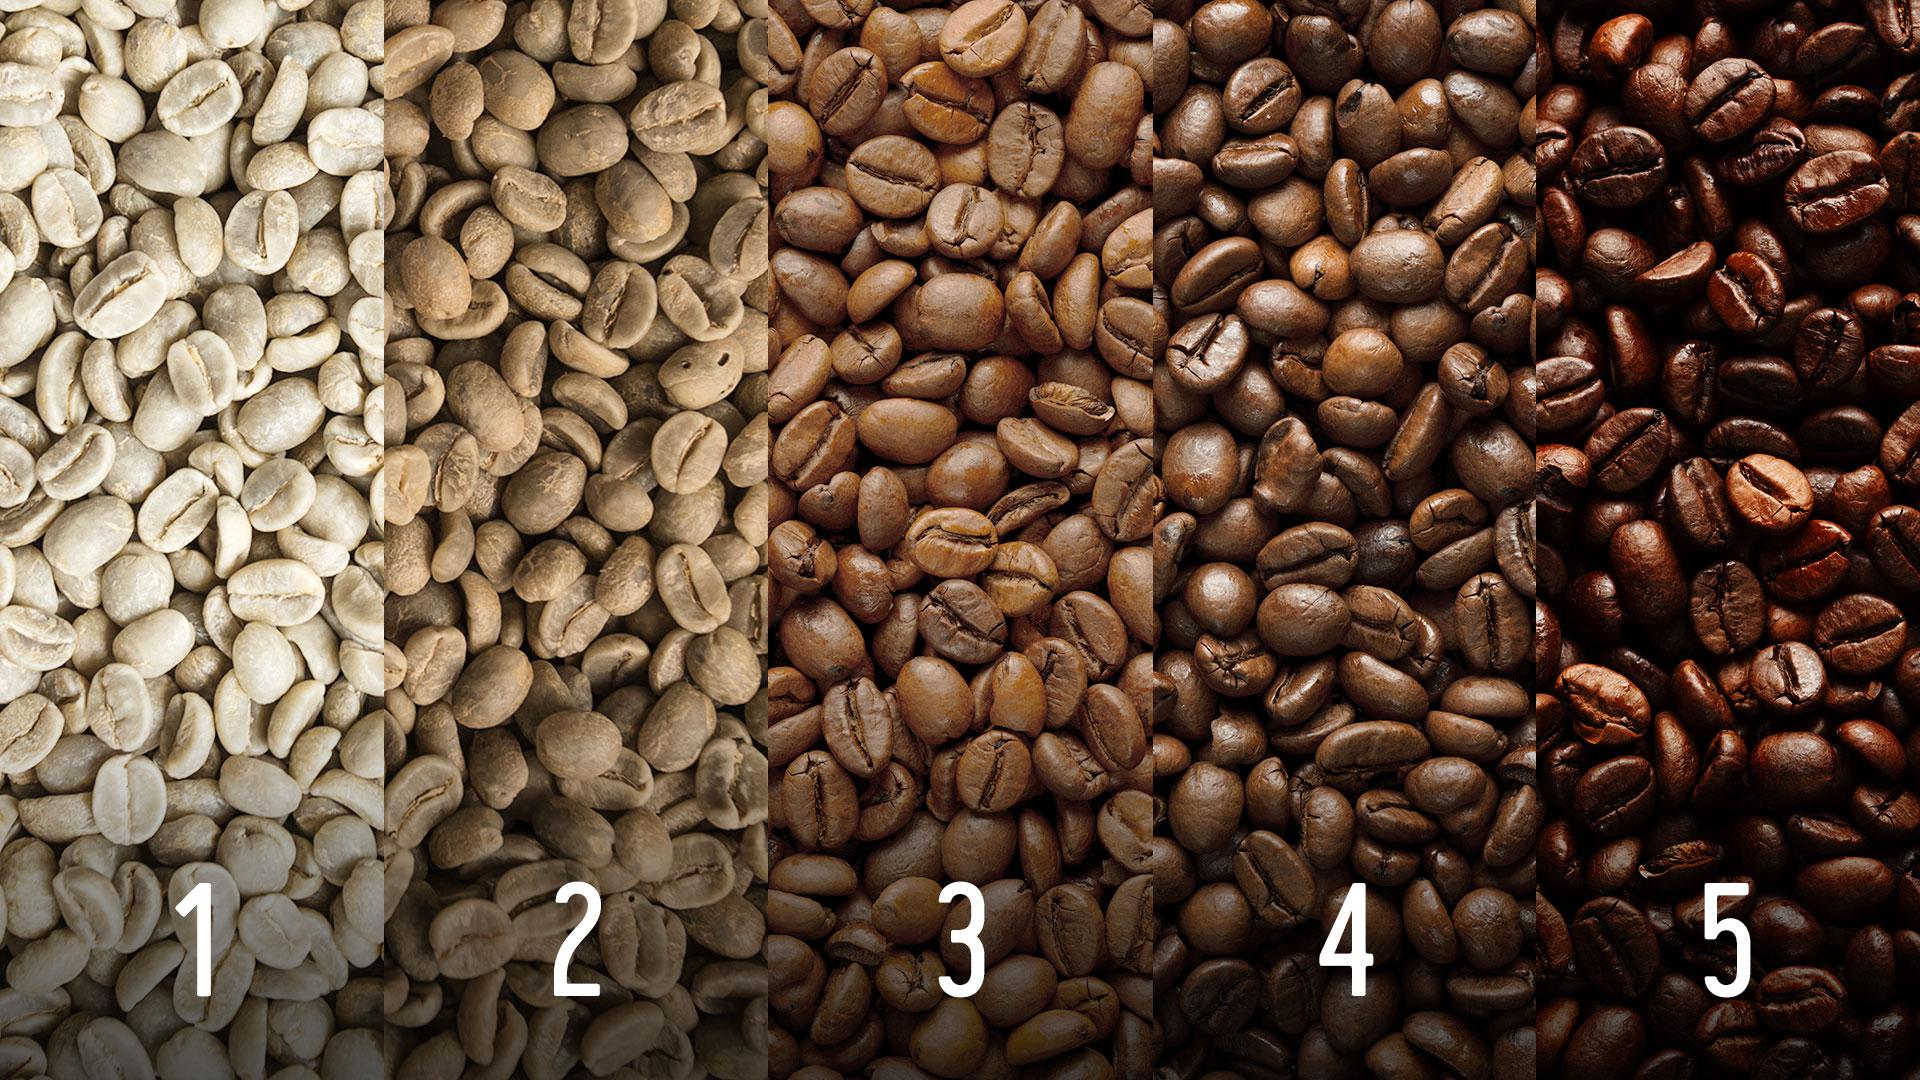 röstung kaffeebohnen